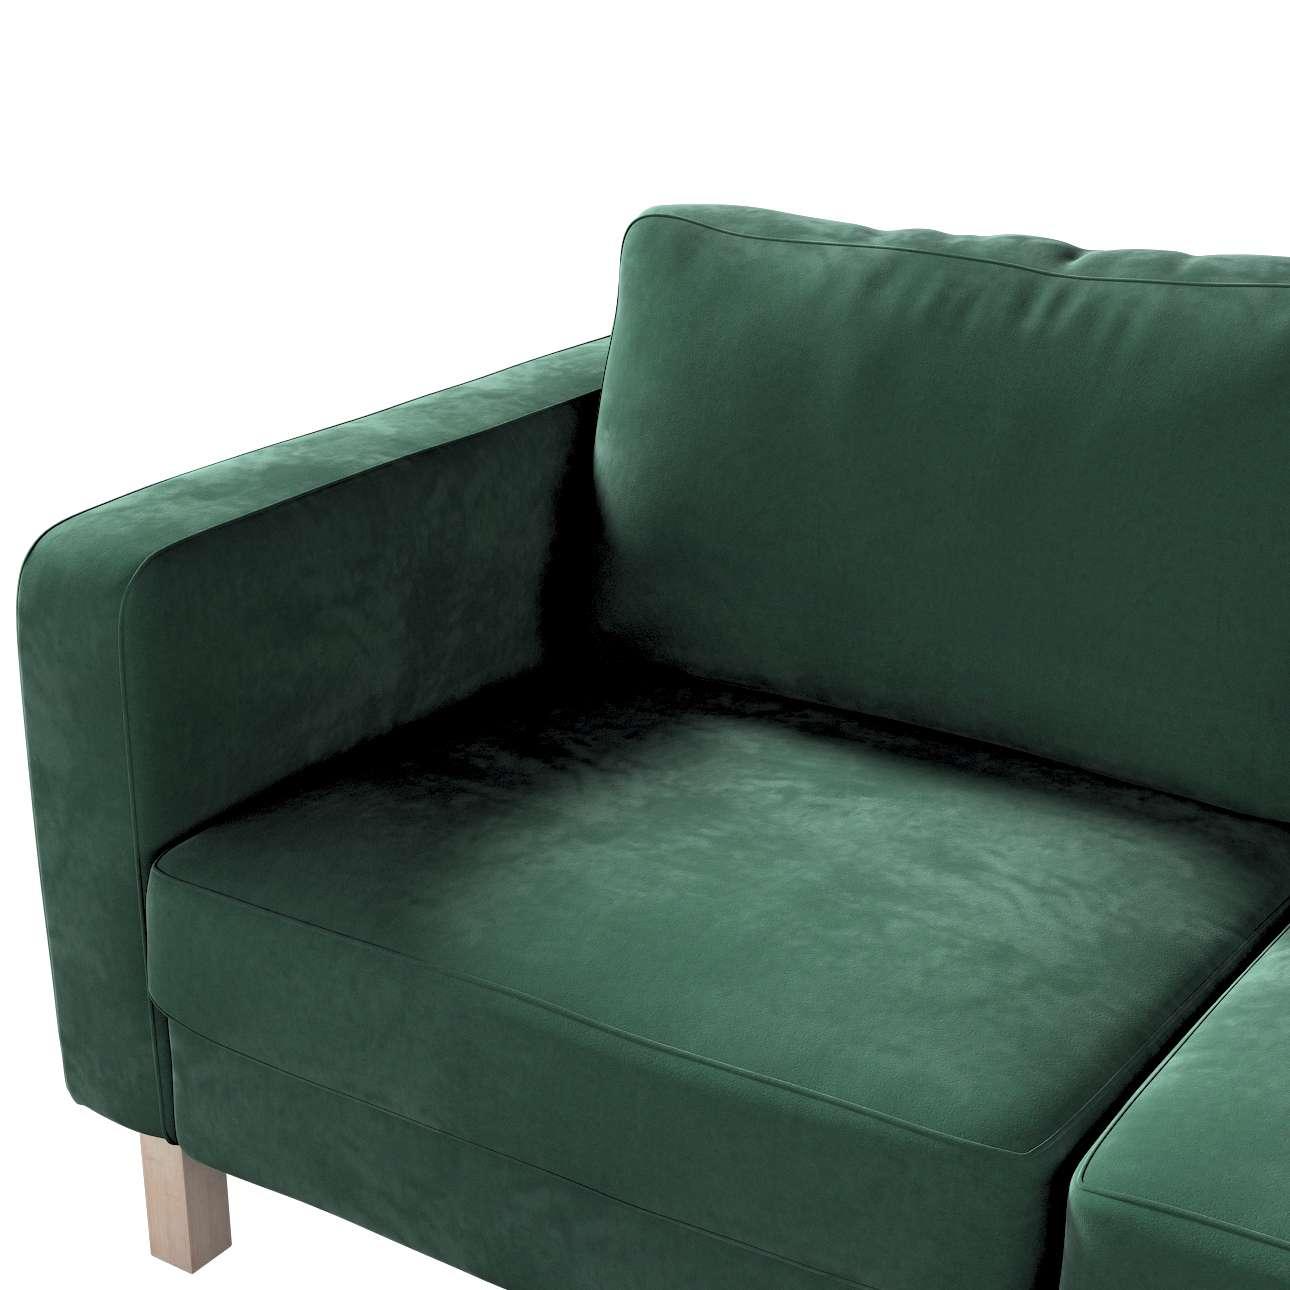 Pokrowiec na sofę Karlstad 2-osobową nierozkładaną krótki w kolekcji Velvet, tkanina: 704-25